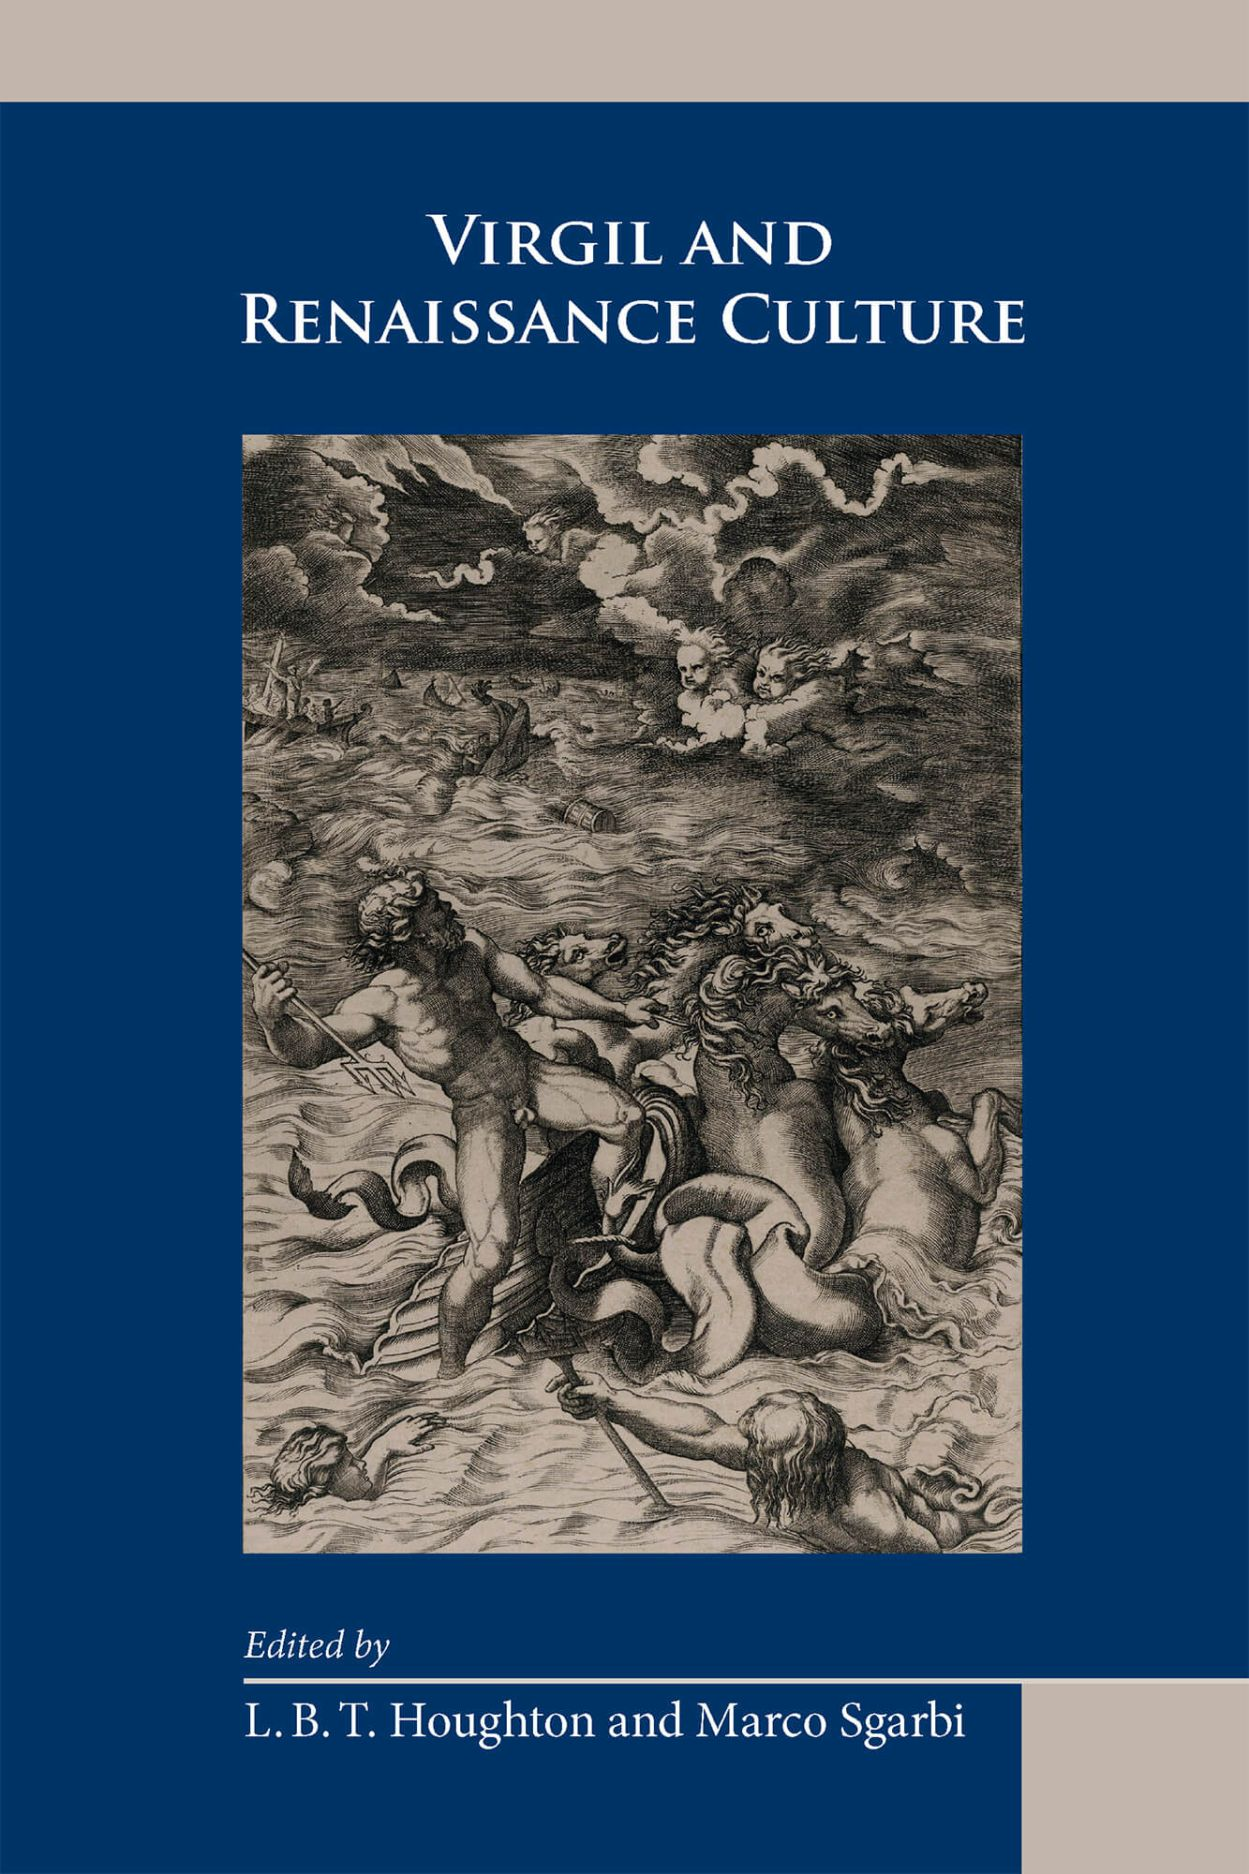 Virgil and Renaissance Culture